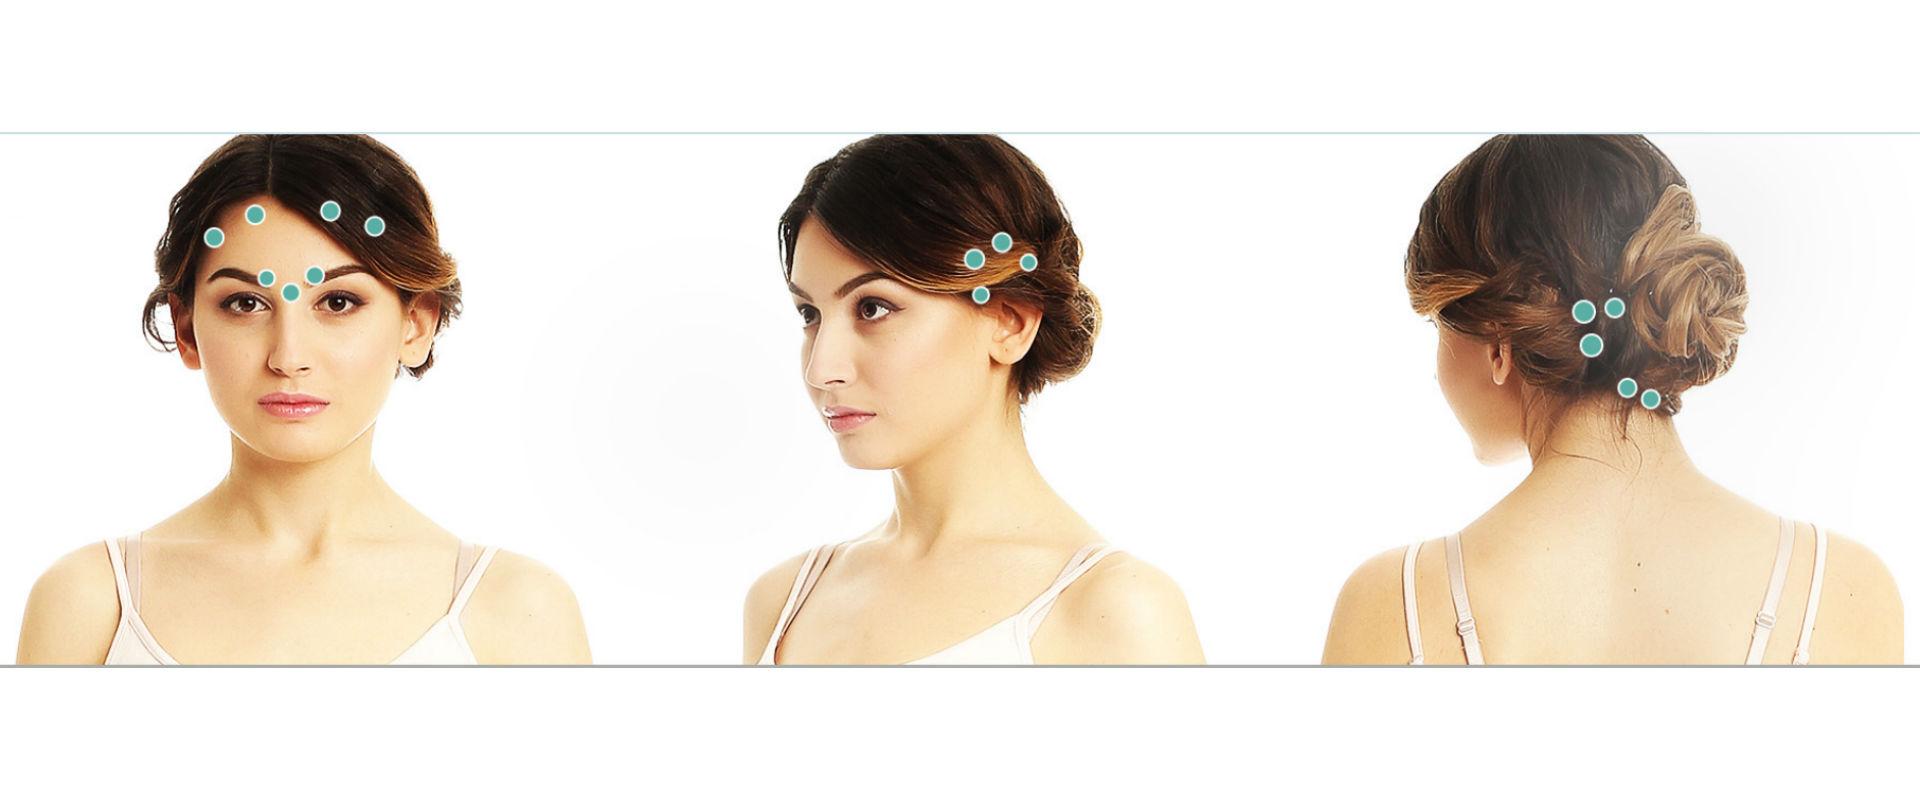 Botox mod migræne og hovedpine behandlingen består ved behandling af 31 veldefinerede punkter i ansigtet, hovedet og nakken.